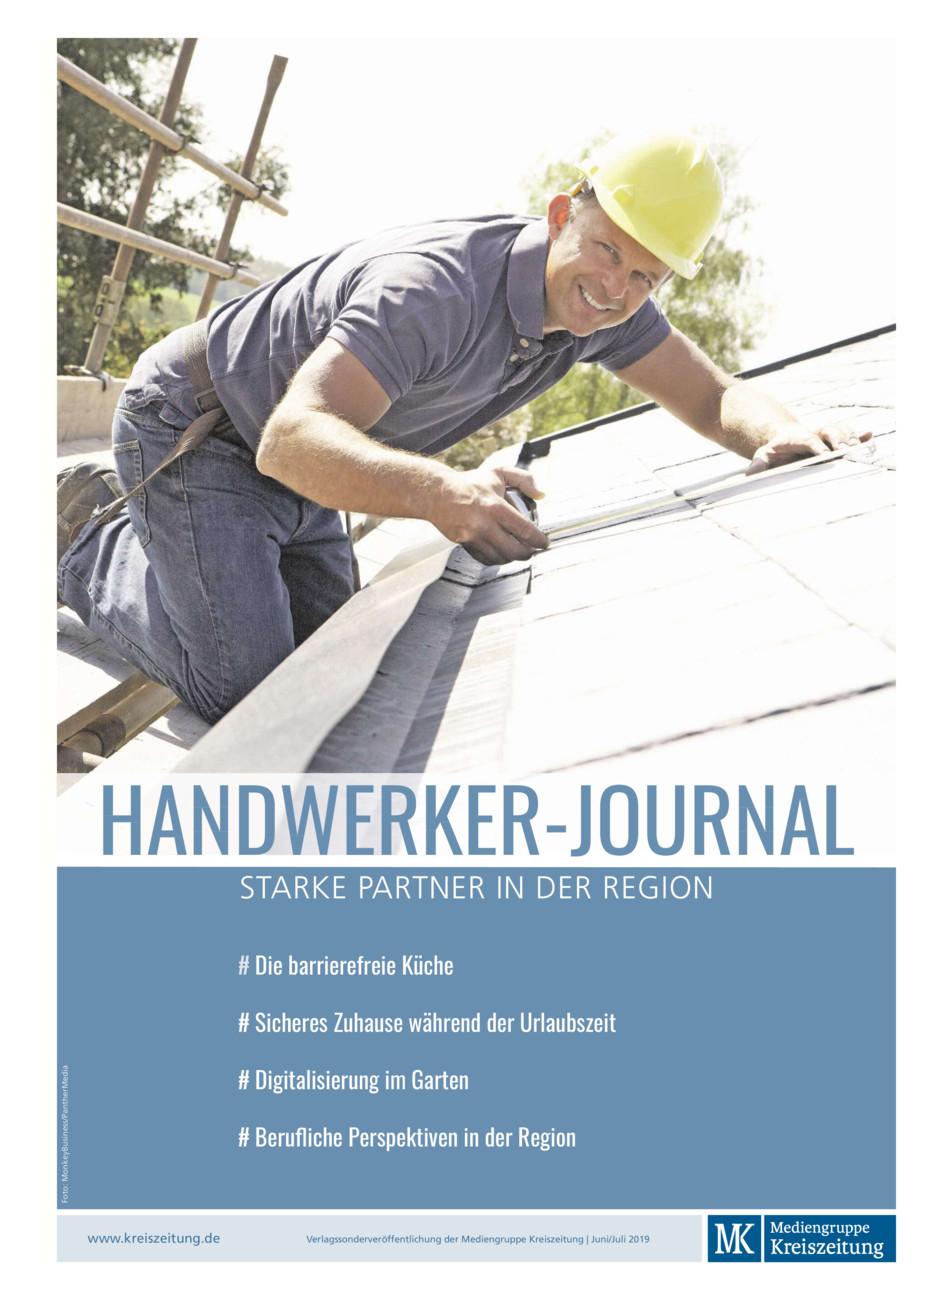 Handwerker-Journal vom Freitag, 28.06.2019